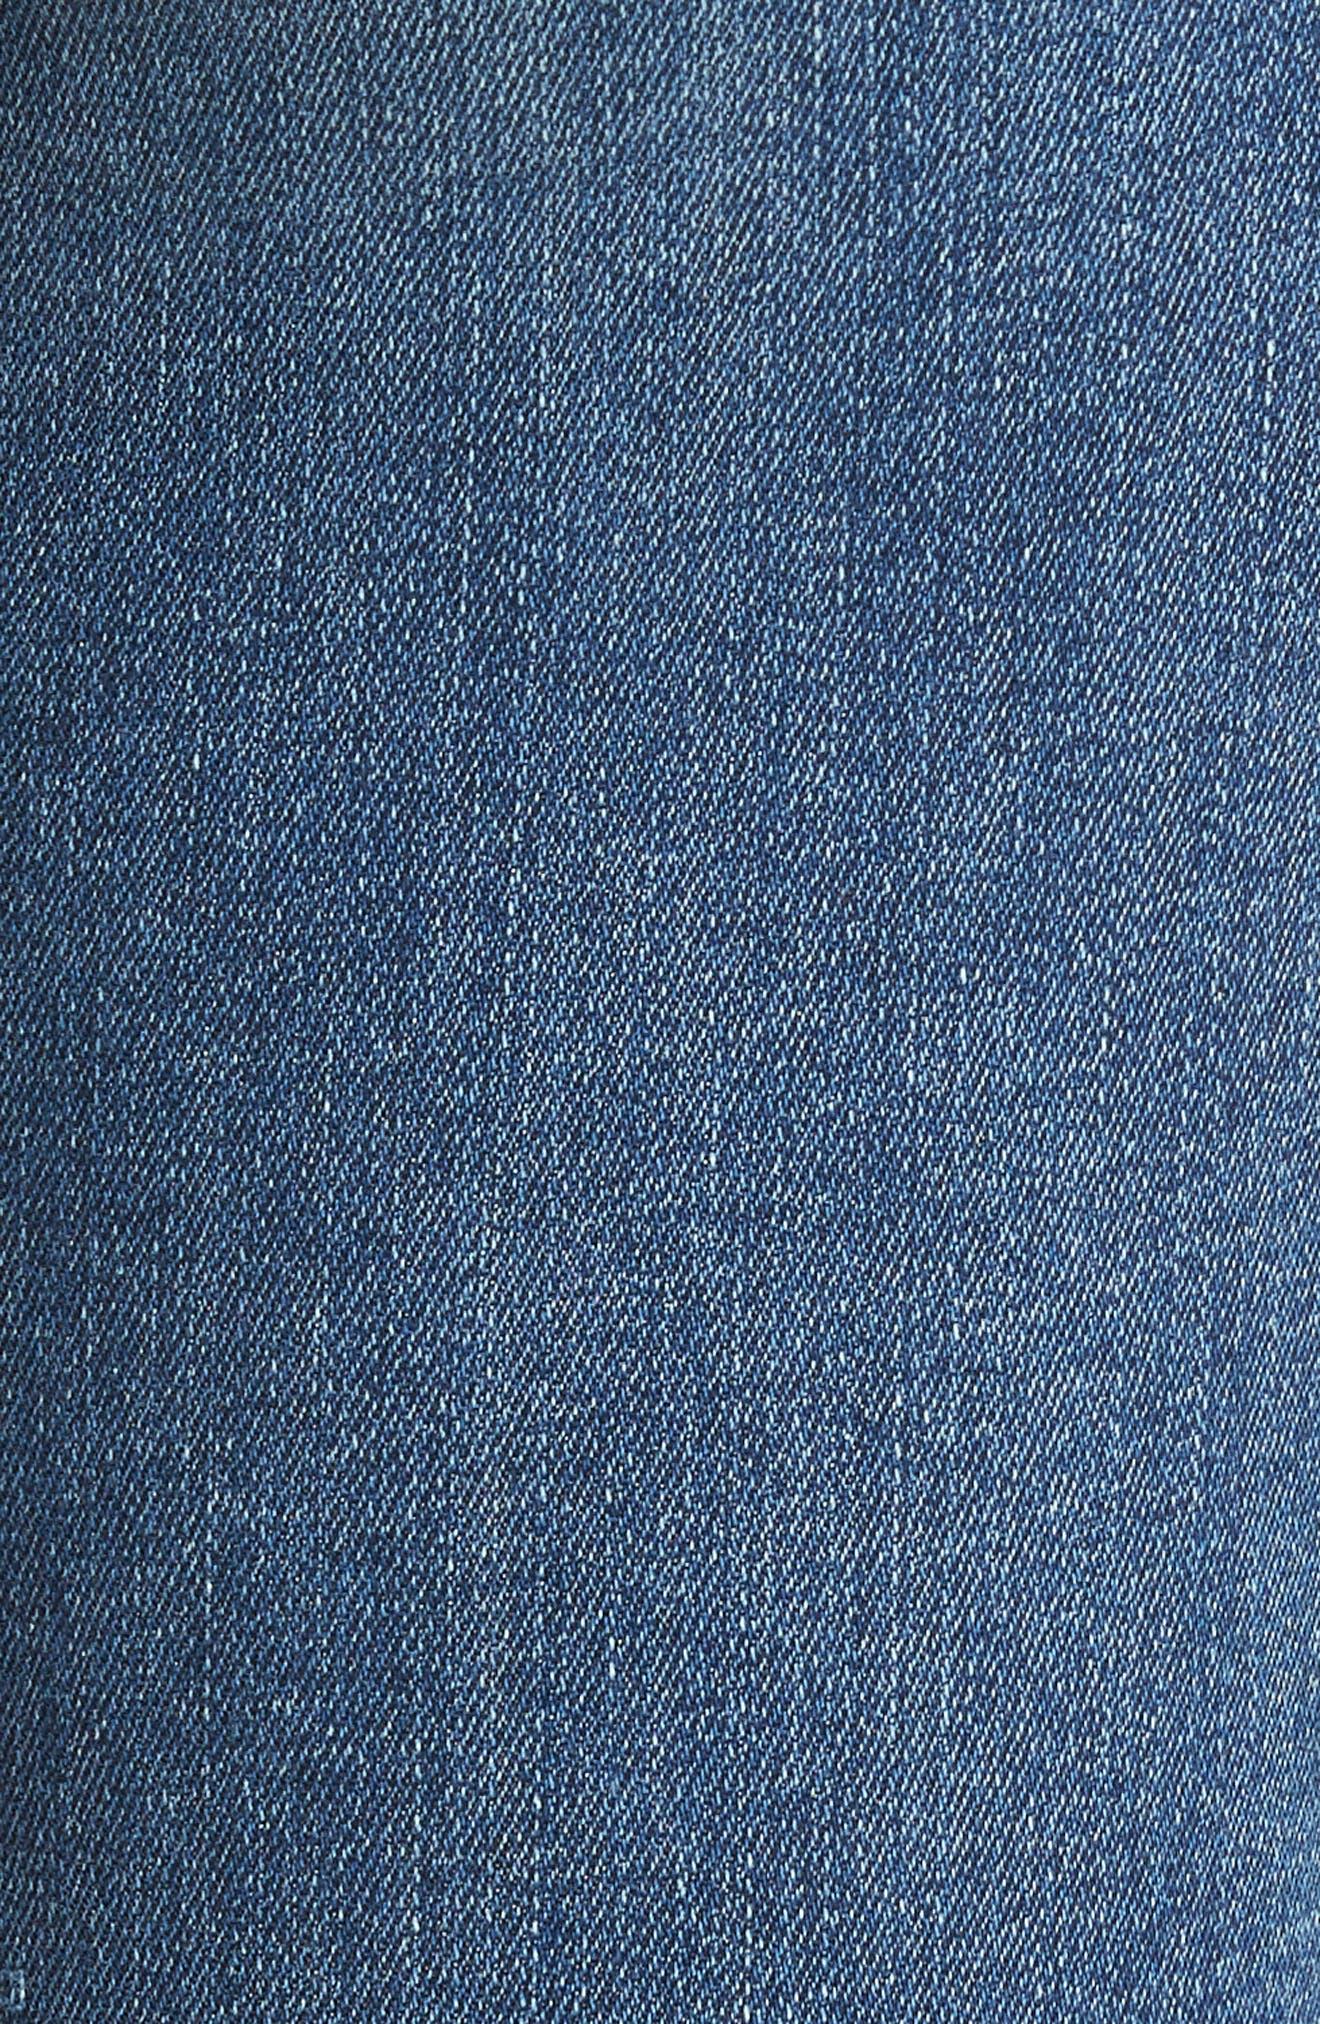 Transcend Vintage - Verdugo Crop Ultra Skinny Jeans,                             Alternate thumbnail 6, color,                             400